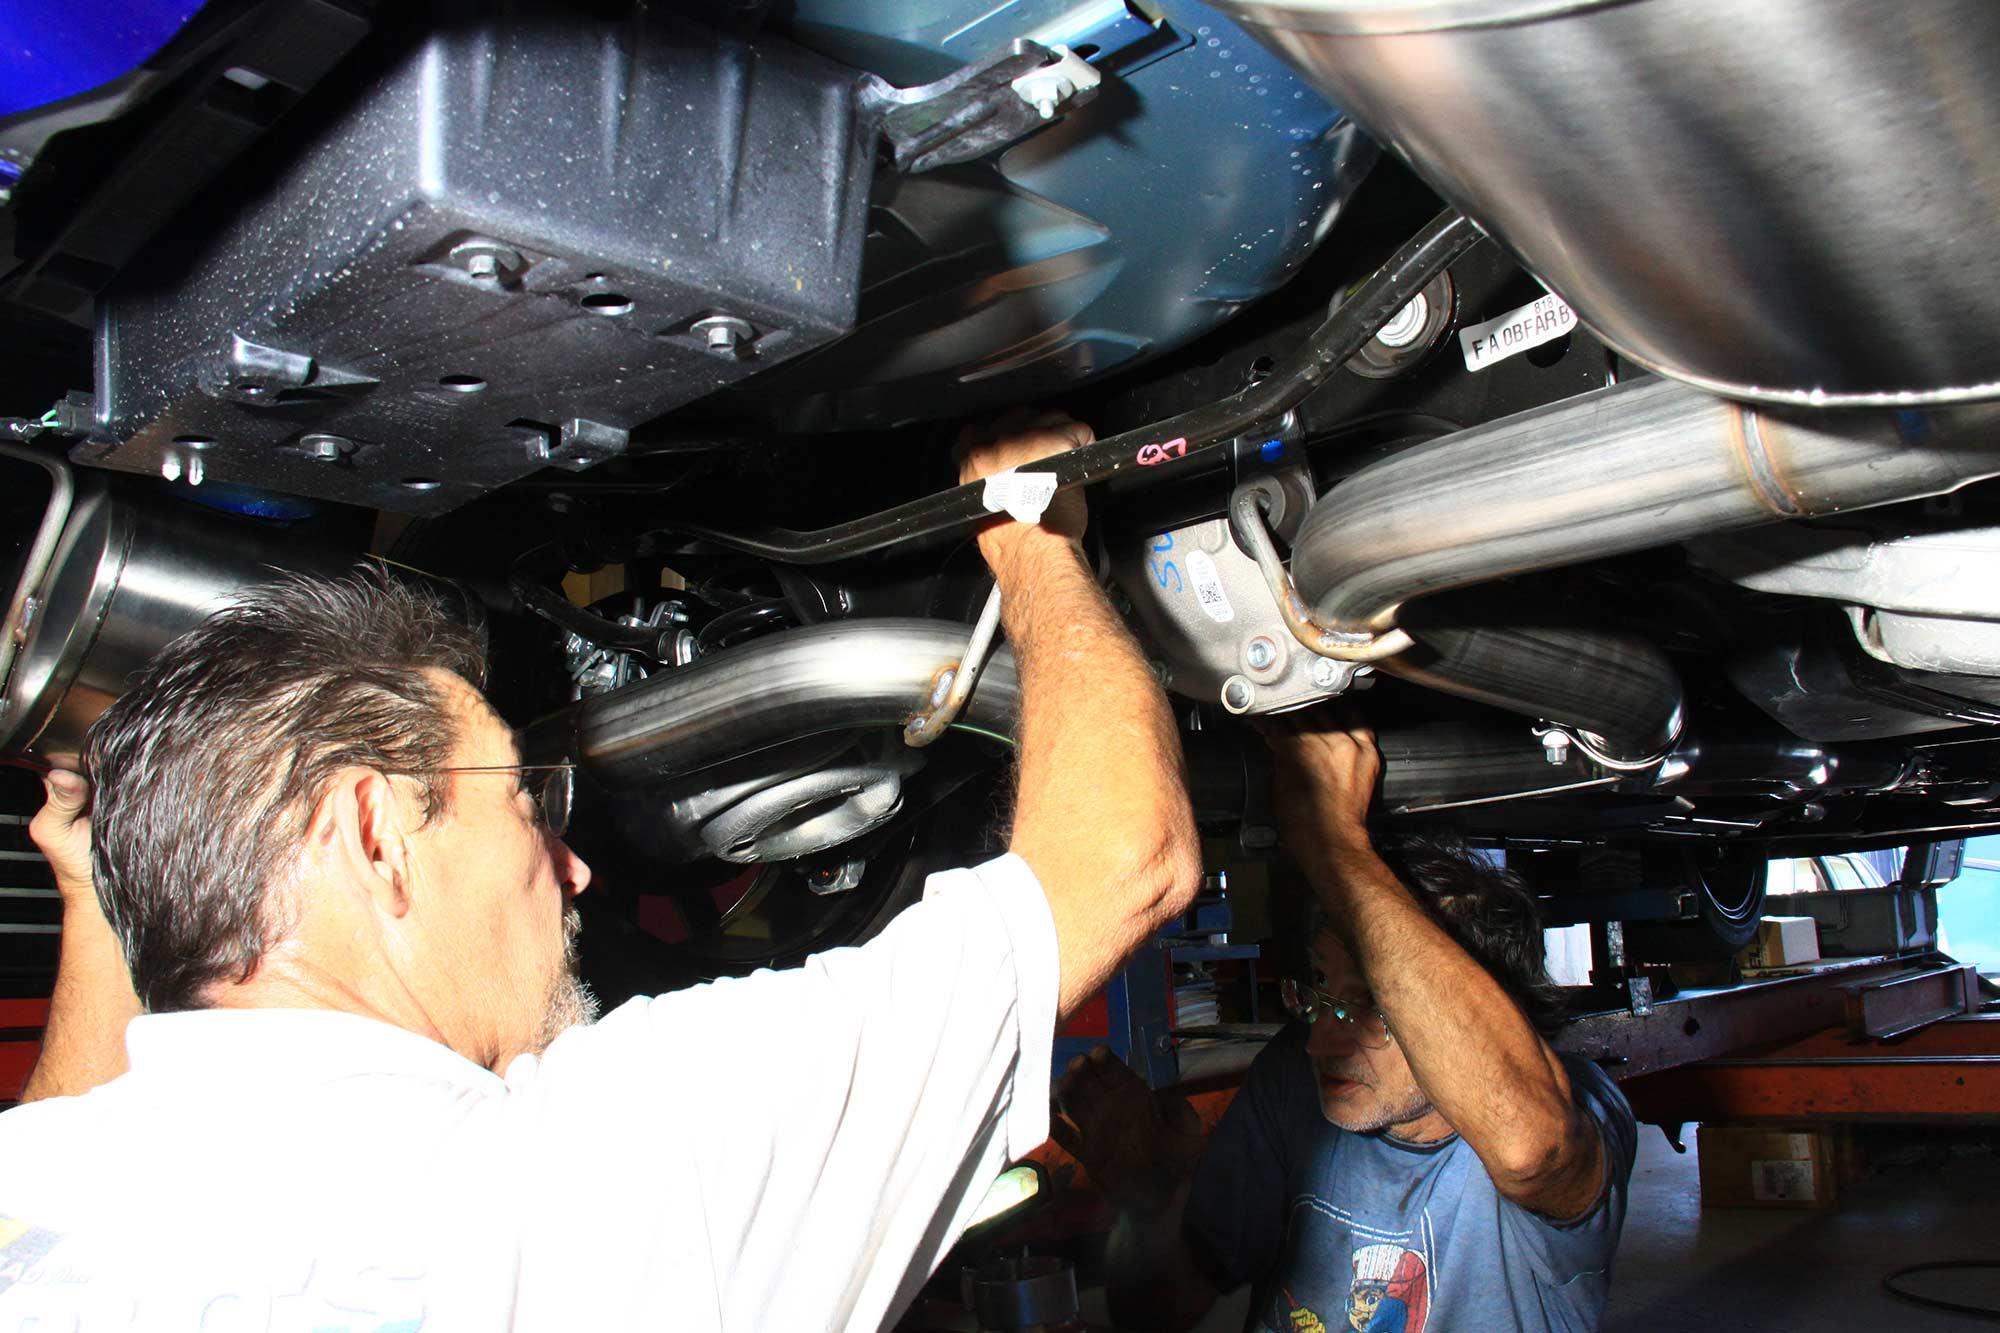 tighten the Corsa exhaust